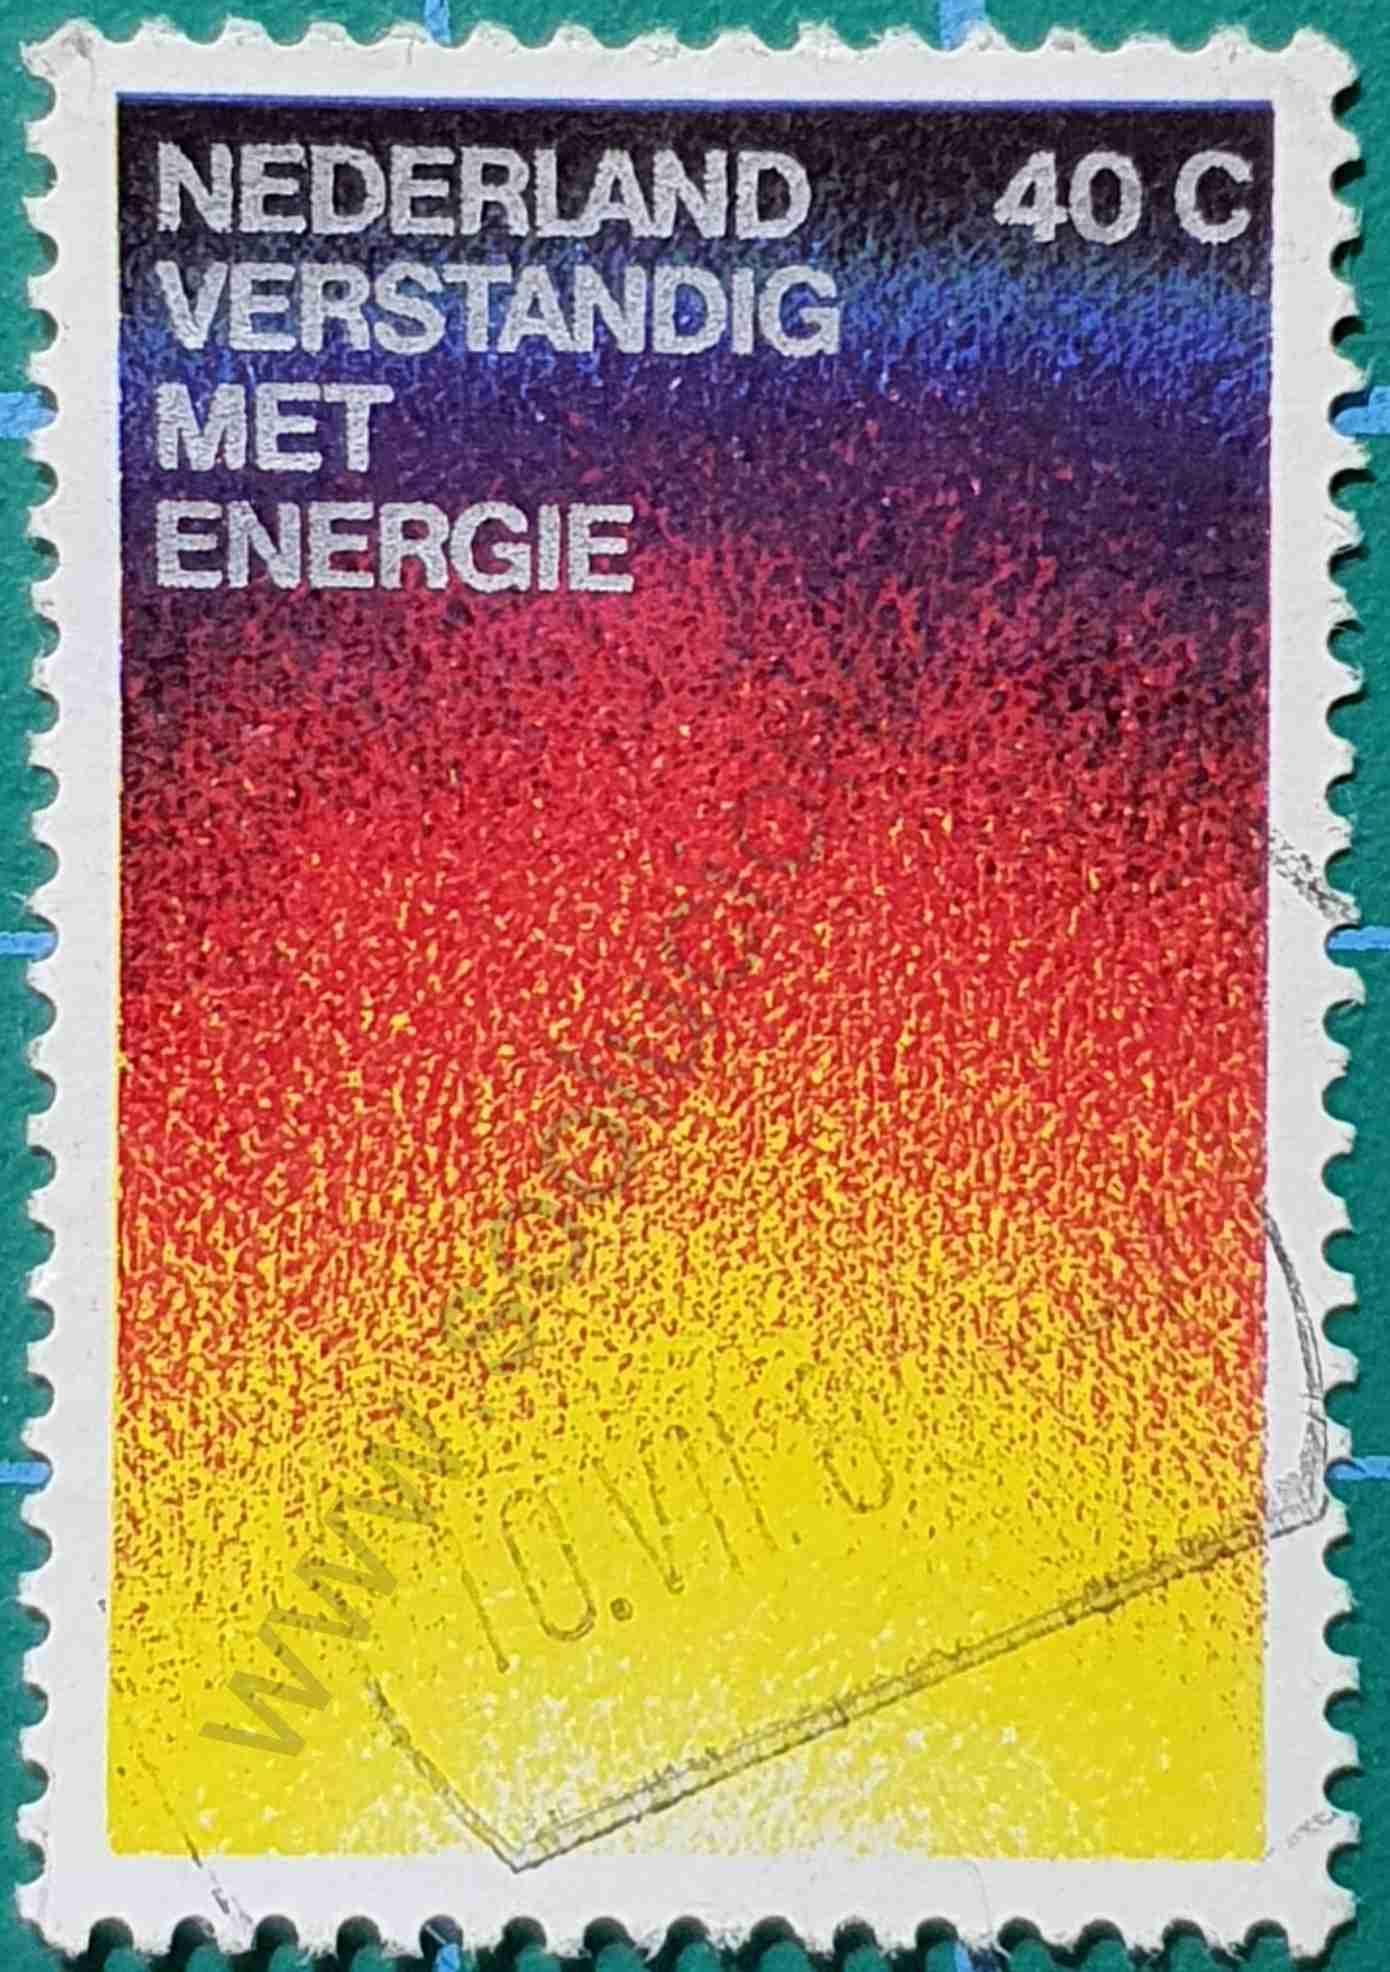 Conservación de la energía - Sello Países Bajos 1977